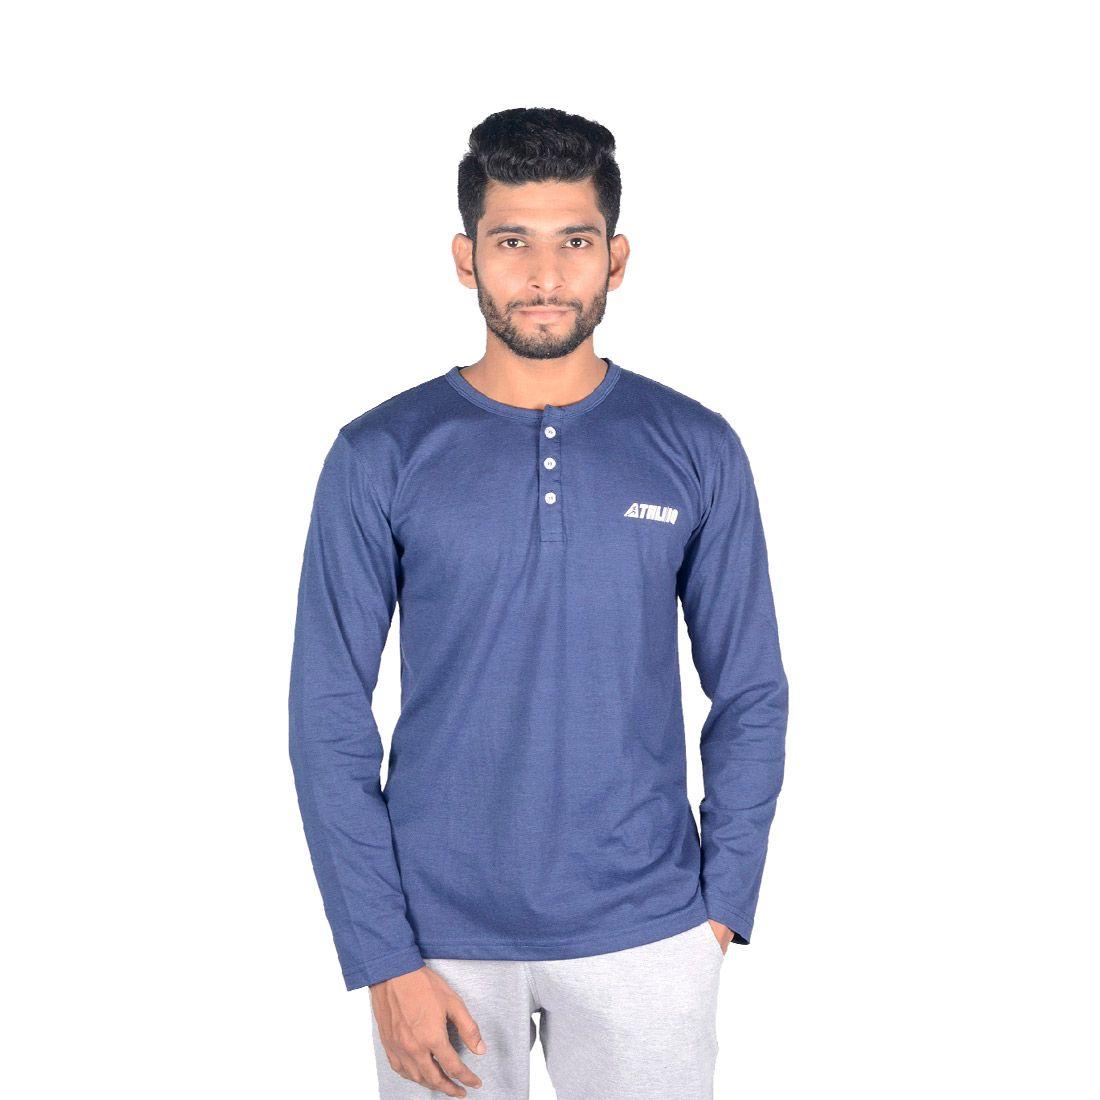 Athliiq Blue Henley T-Shirt